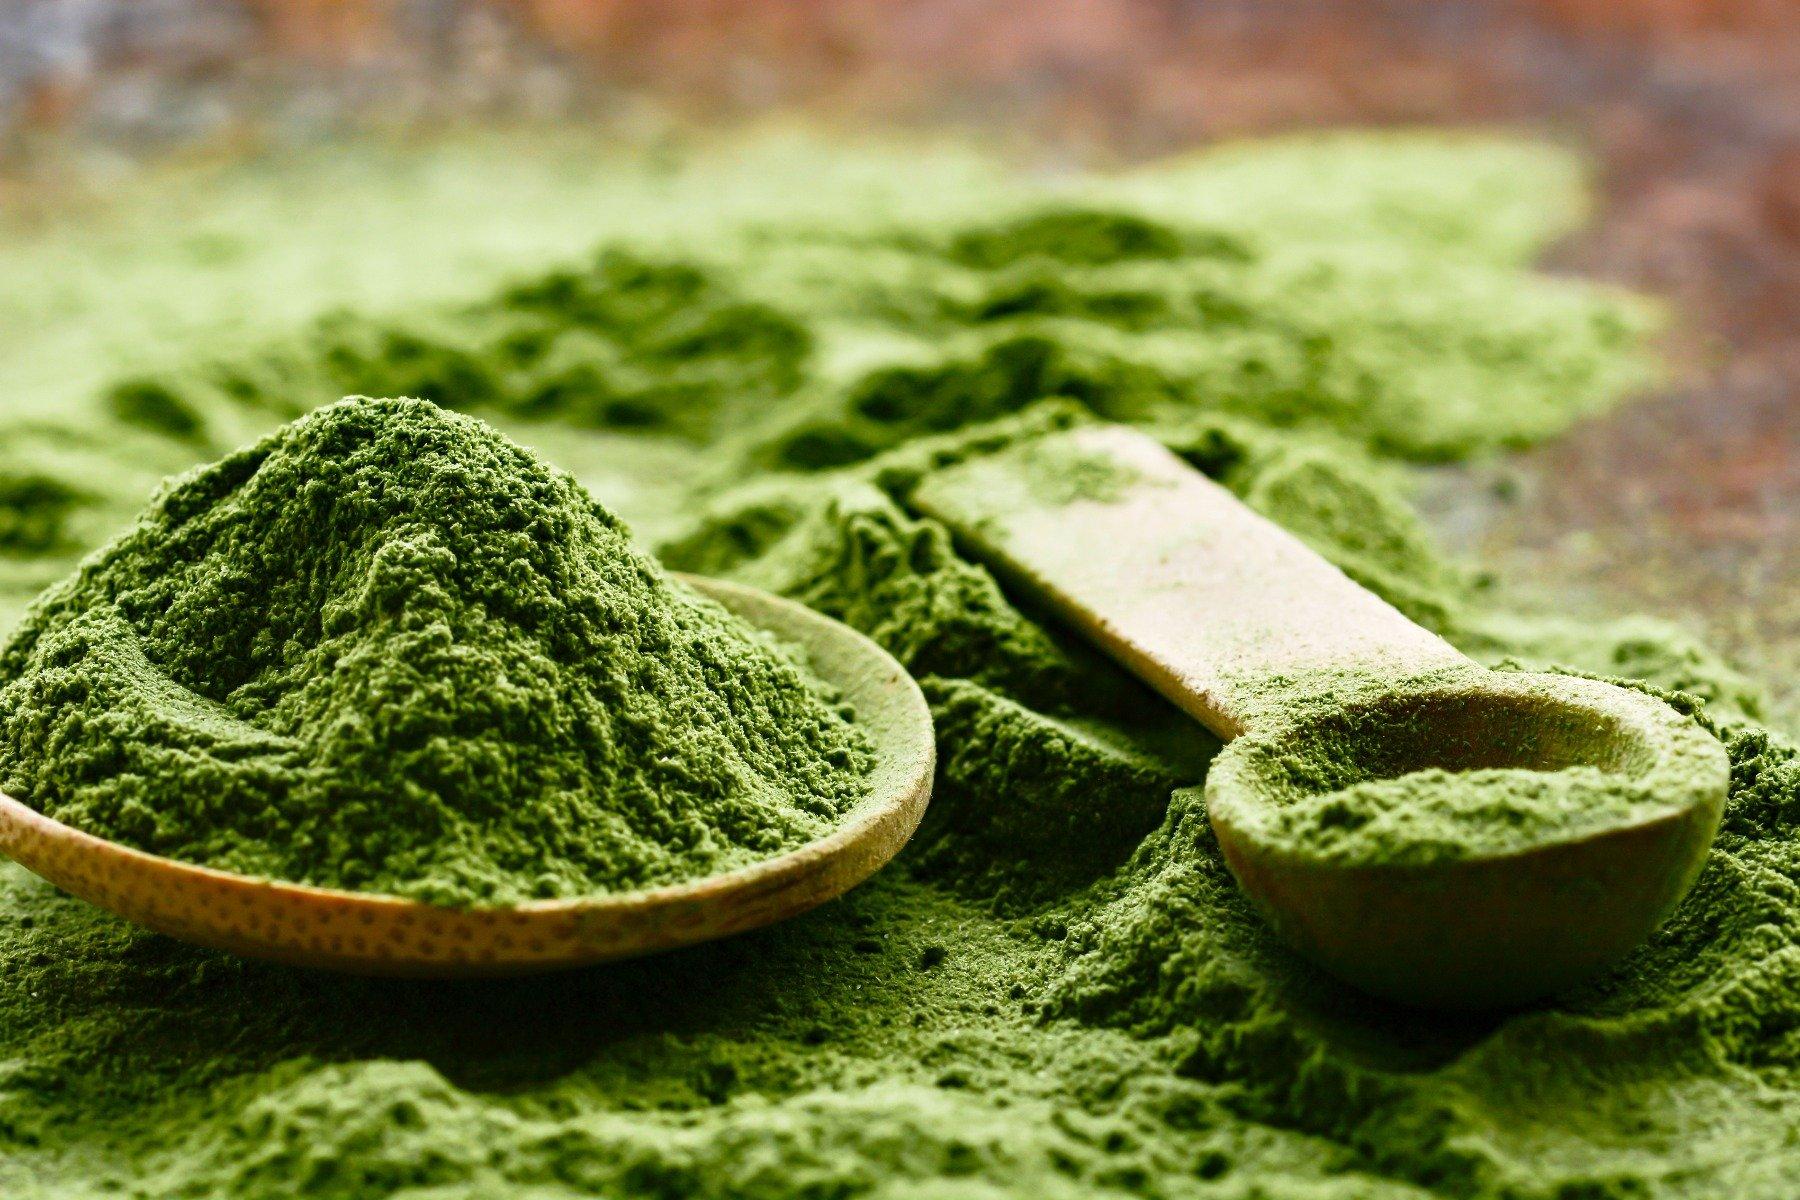 Zöldárpa - Szuperélelmiszer és az egészség természetes forrása